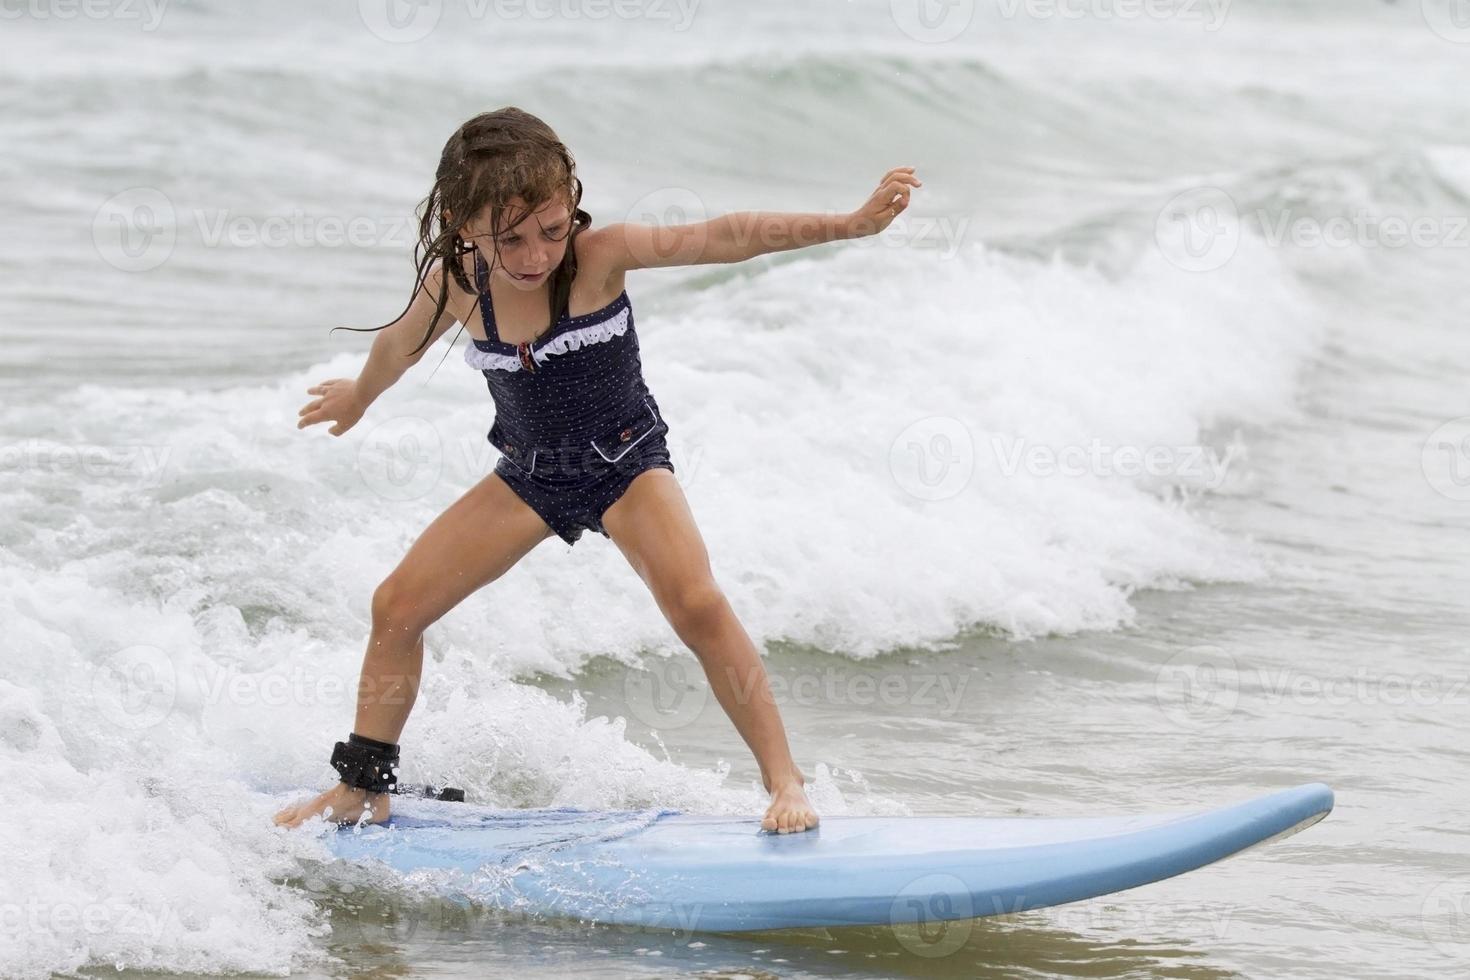 Luna Surfen. foto